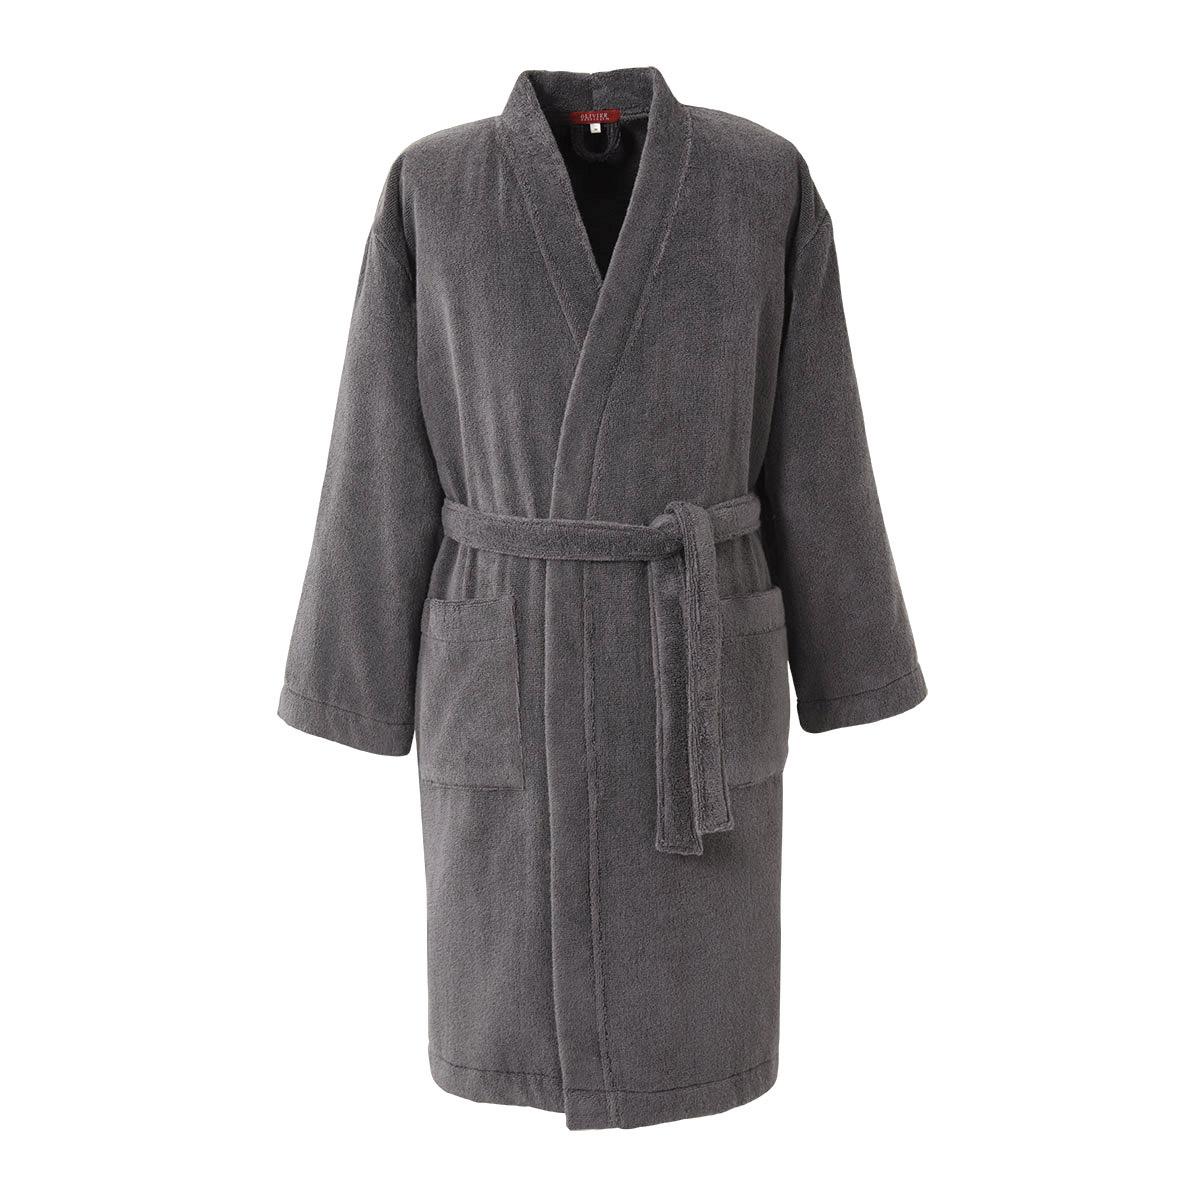 Kimono coton peigné Anthracite M (photo)